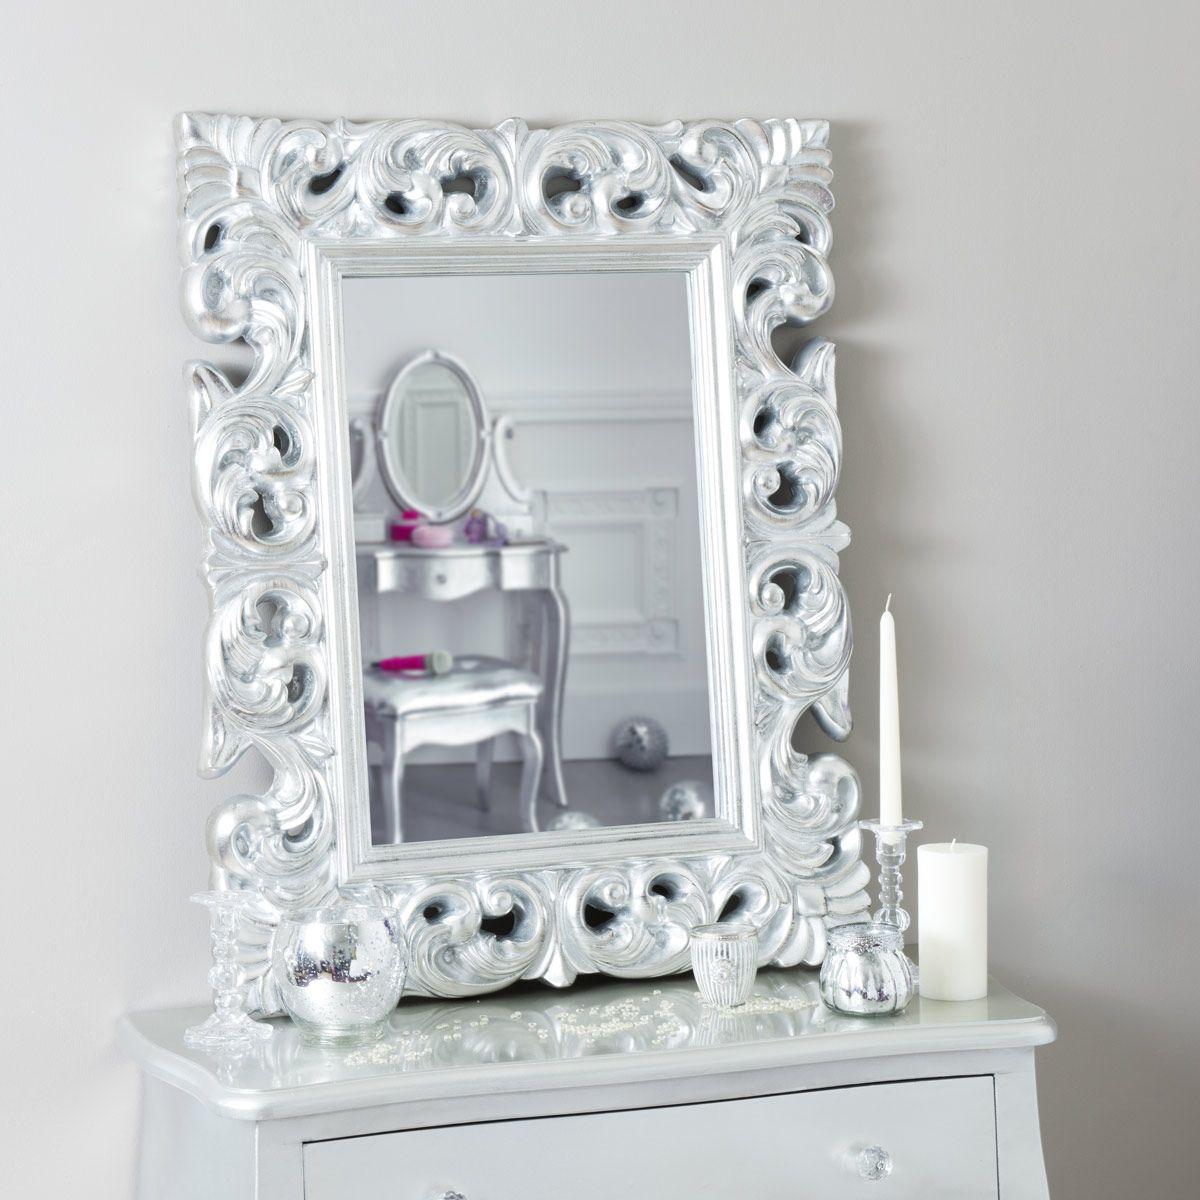 Miroir Rivoli silver 90x70 130e | Deco | Pinterest | Chambres de ...